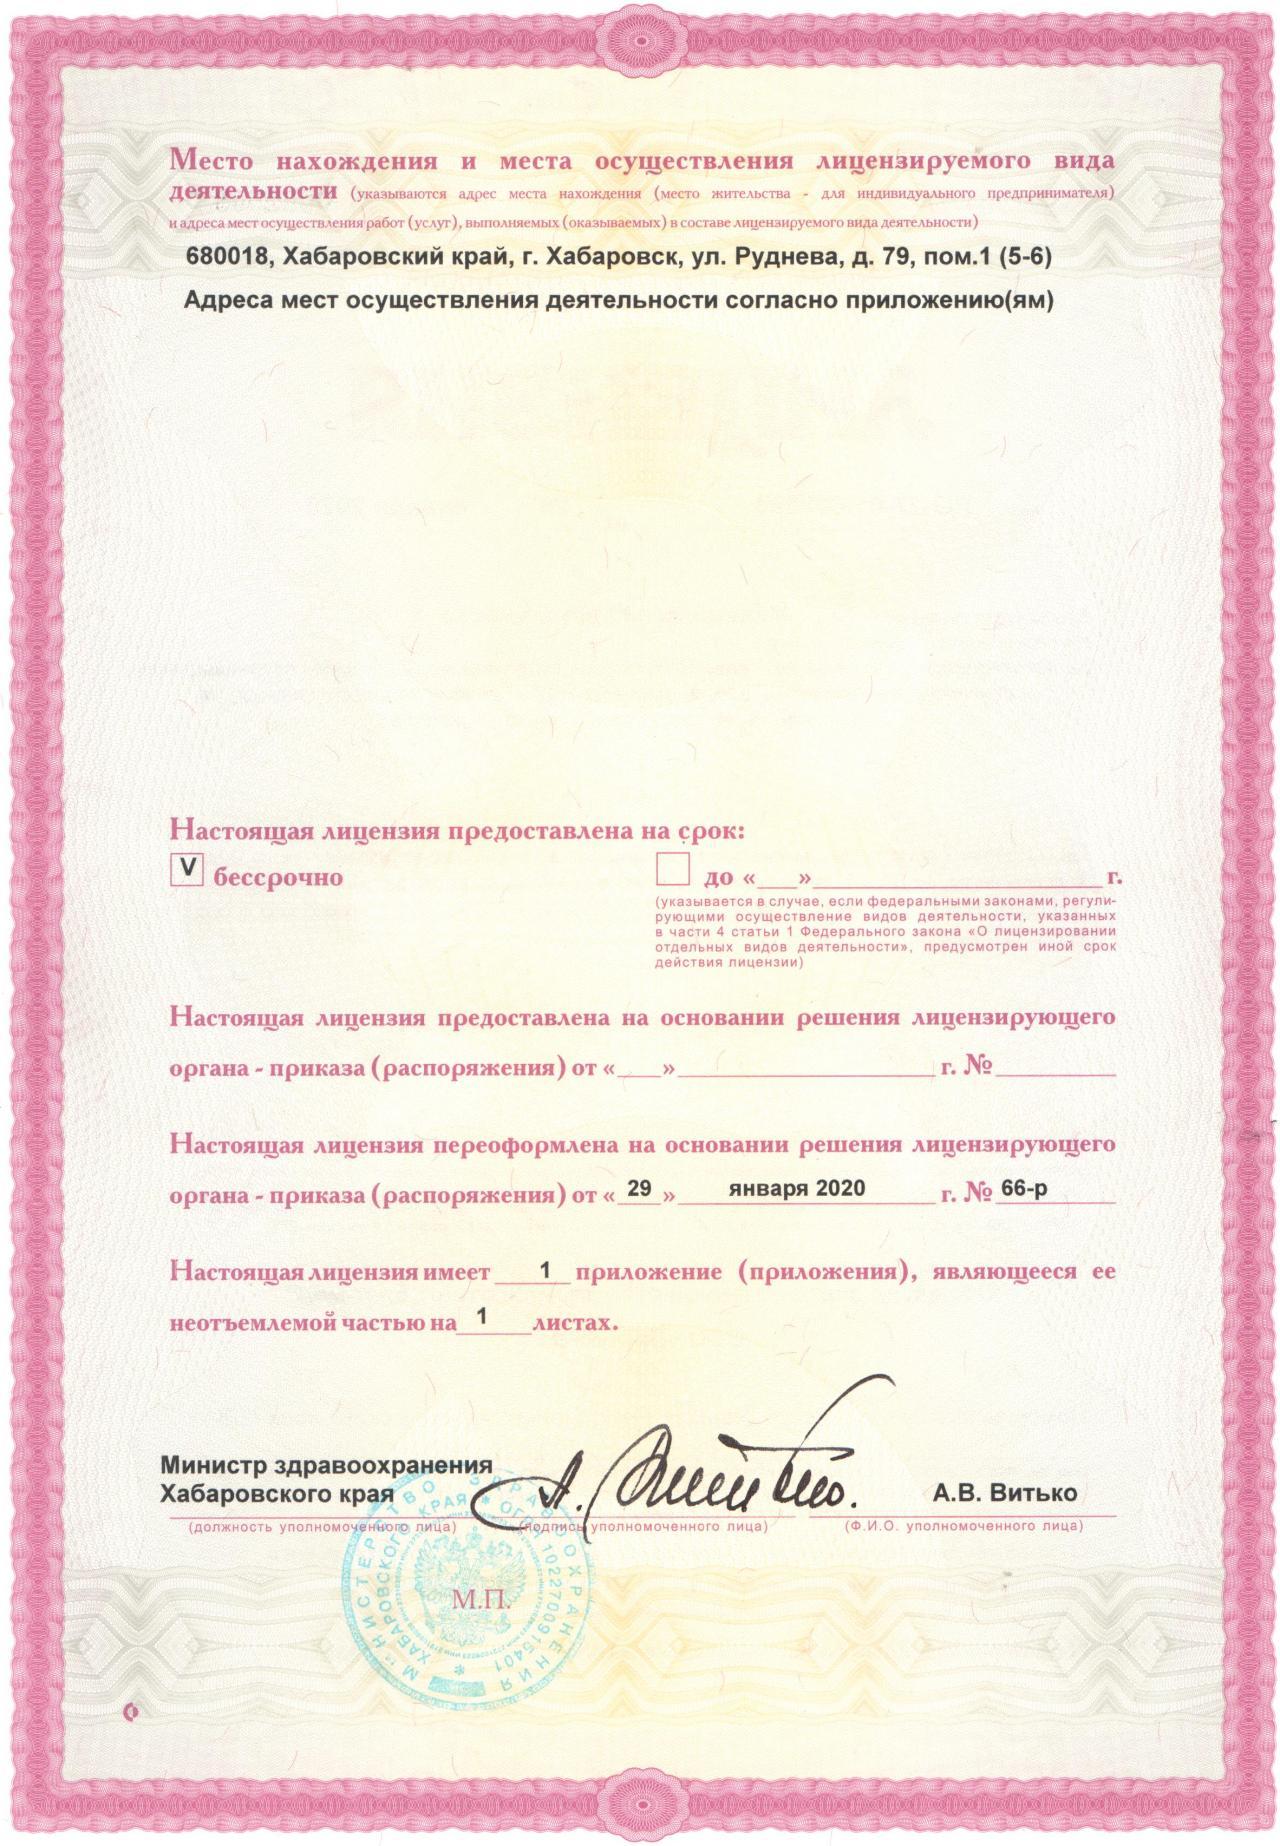 лицензии микрозаймов